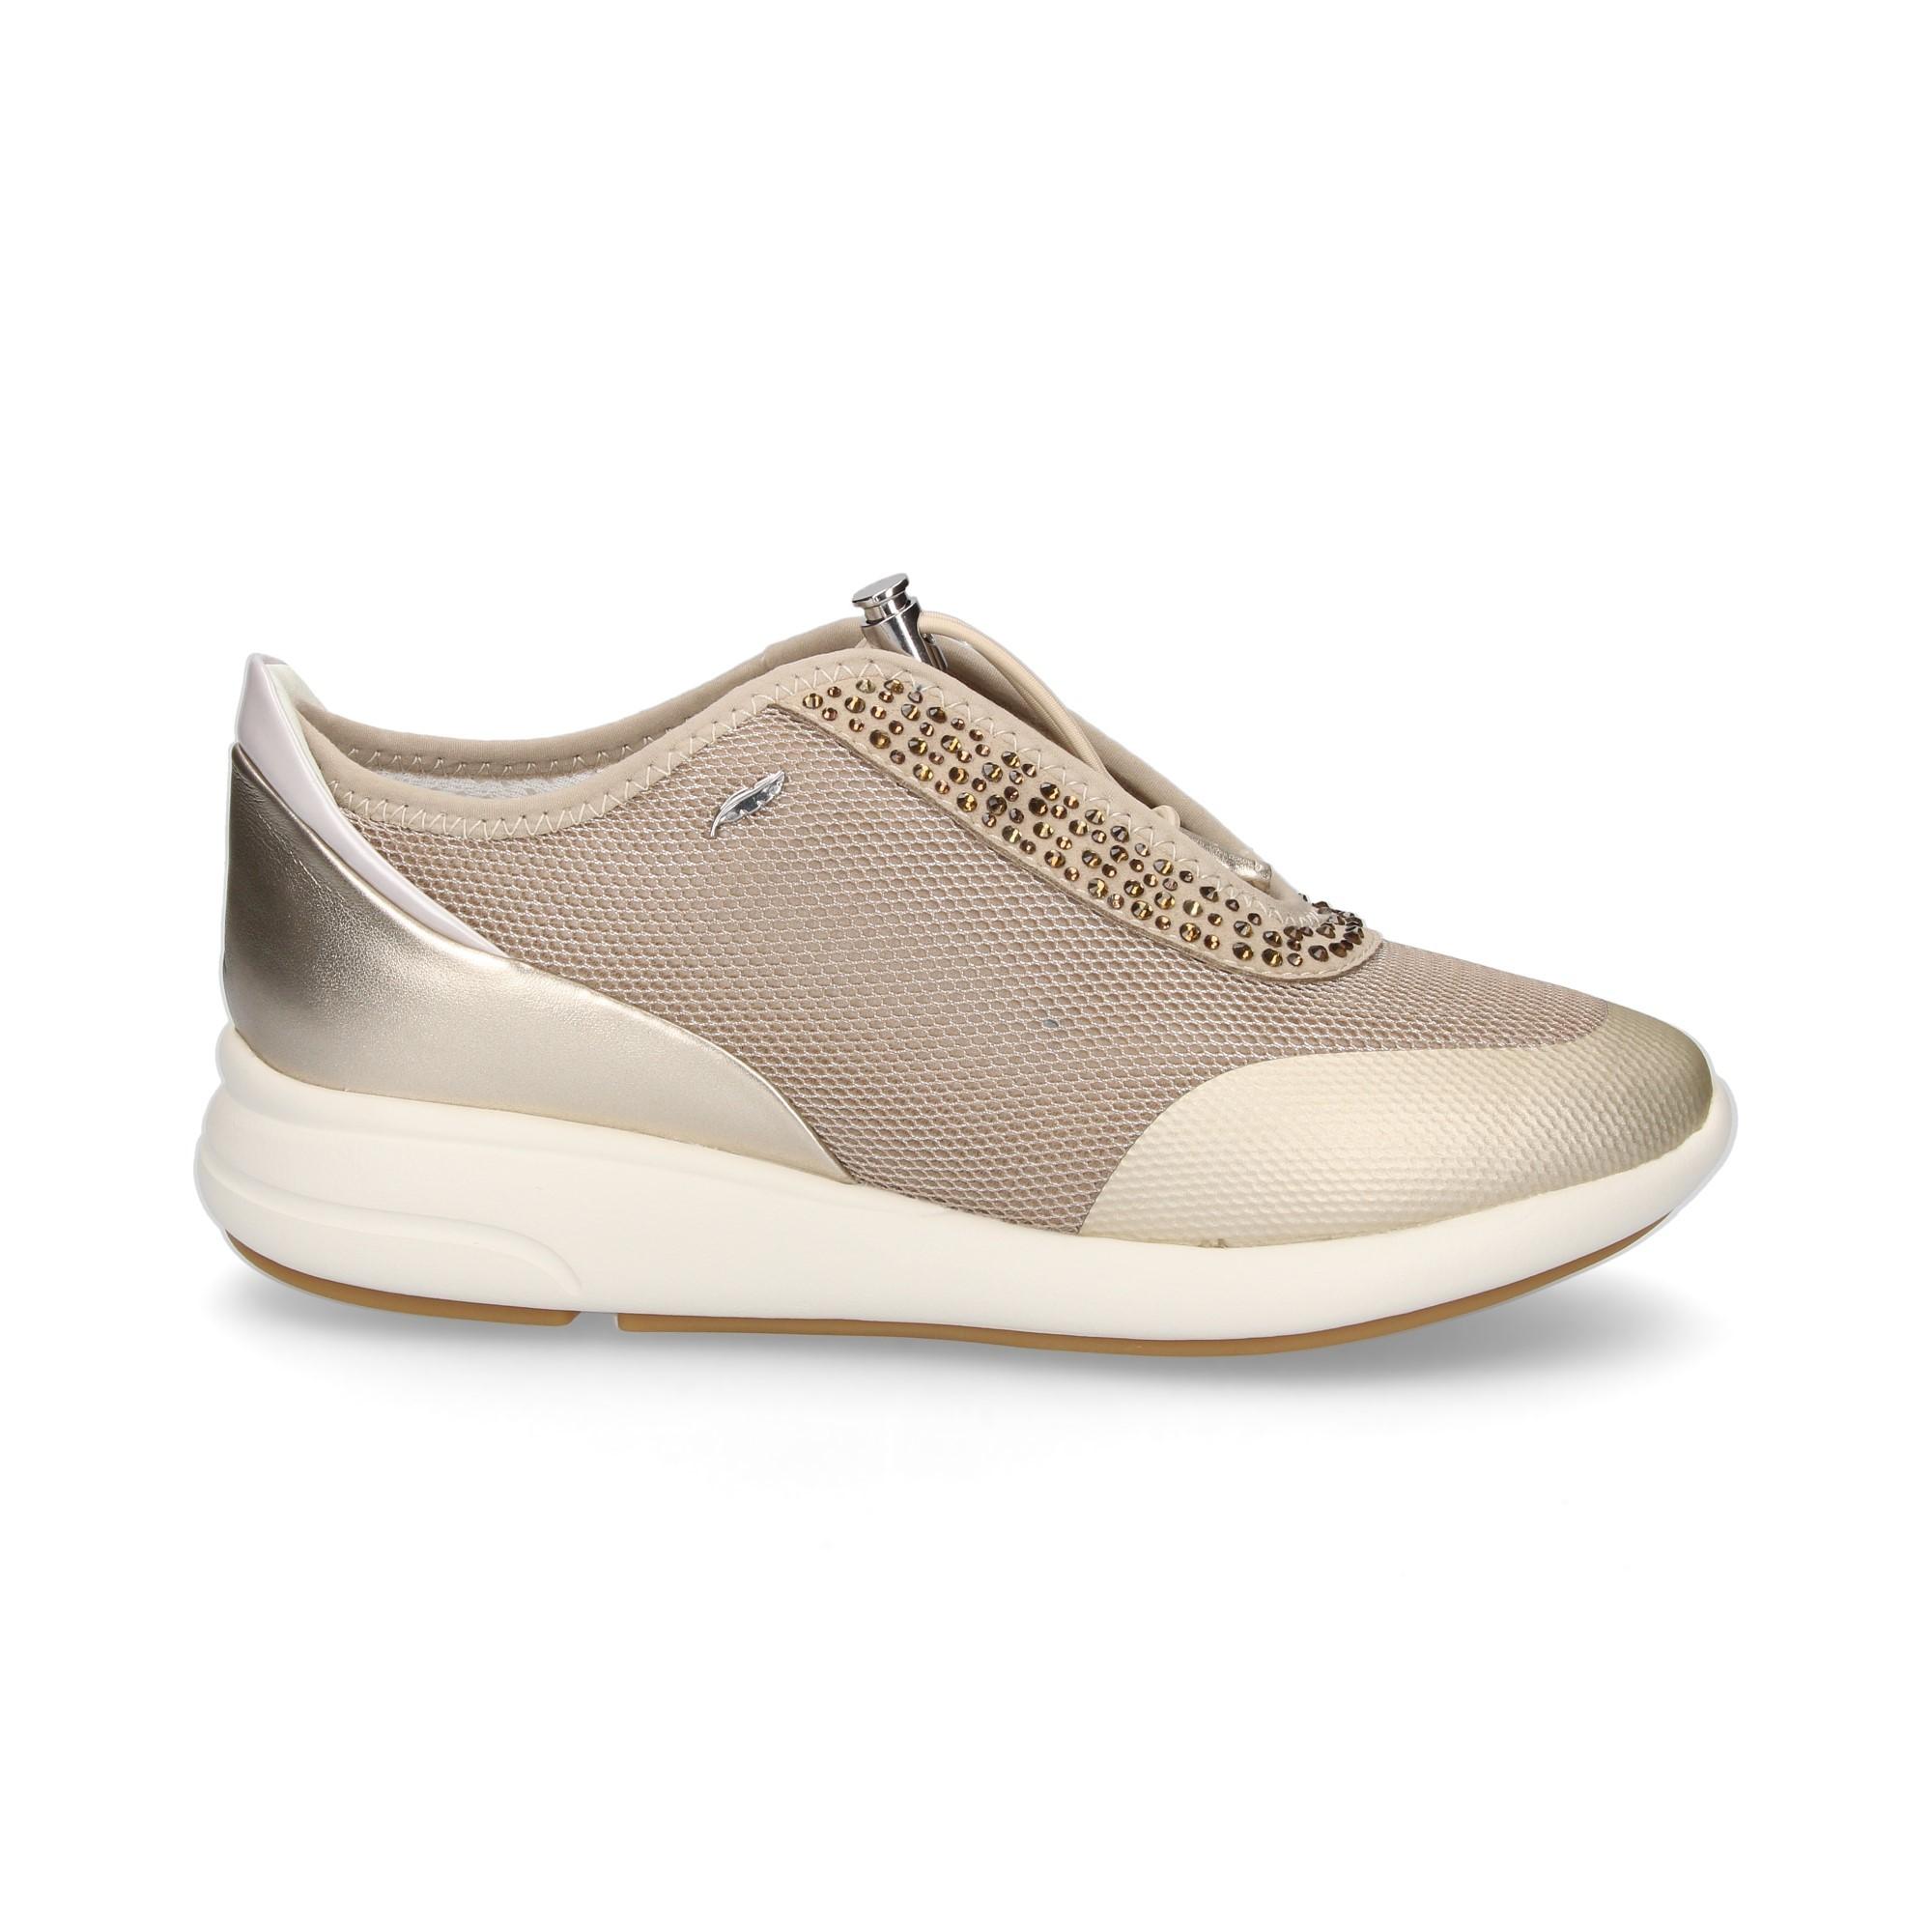 75e15133ee5213 GEOX Chaussures de sport pour femmes D621CE CH62L TAUPE/ORO